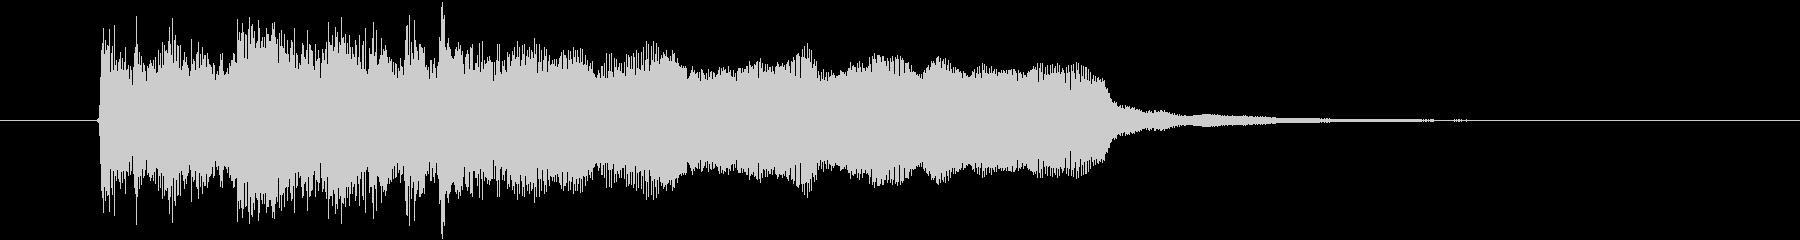 アップテンポなオーケストラ音楽の未再生の波形